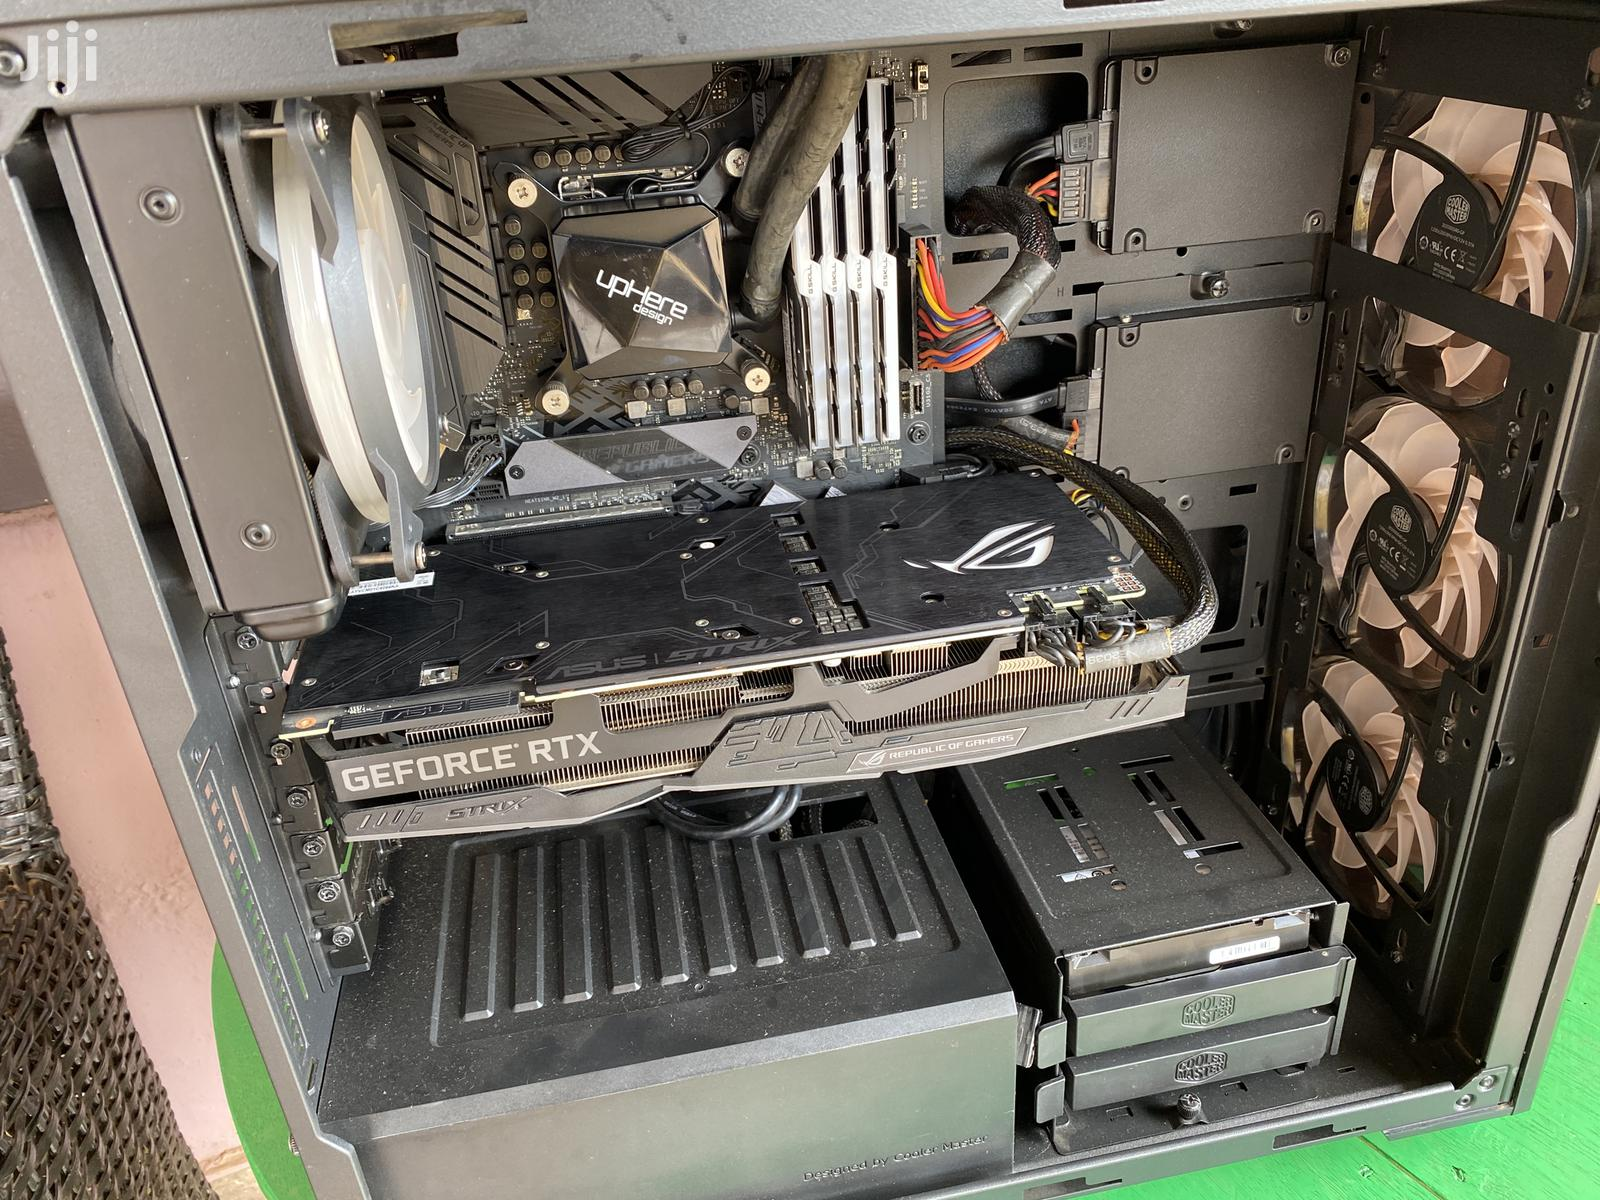 New Desktop Computer Asus 32GB Intel Core i7 SSD 512GB | Laptops & Computers for sale in Kumasi Metropolitan, Ashanti, Ghana